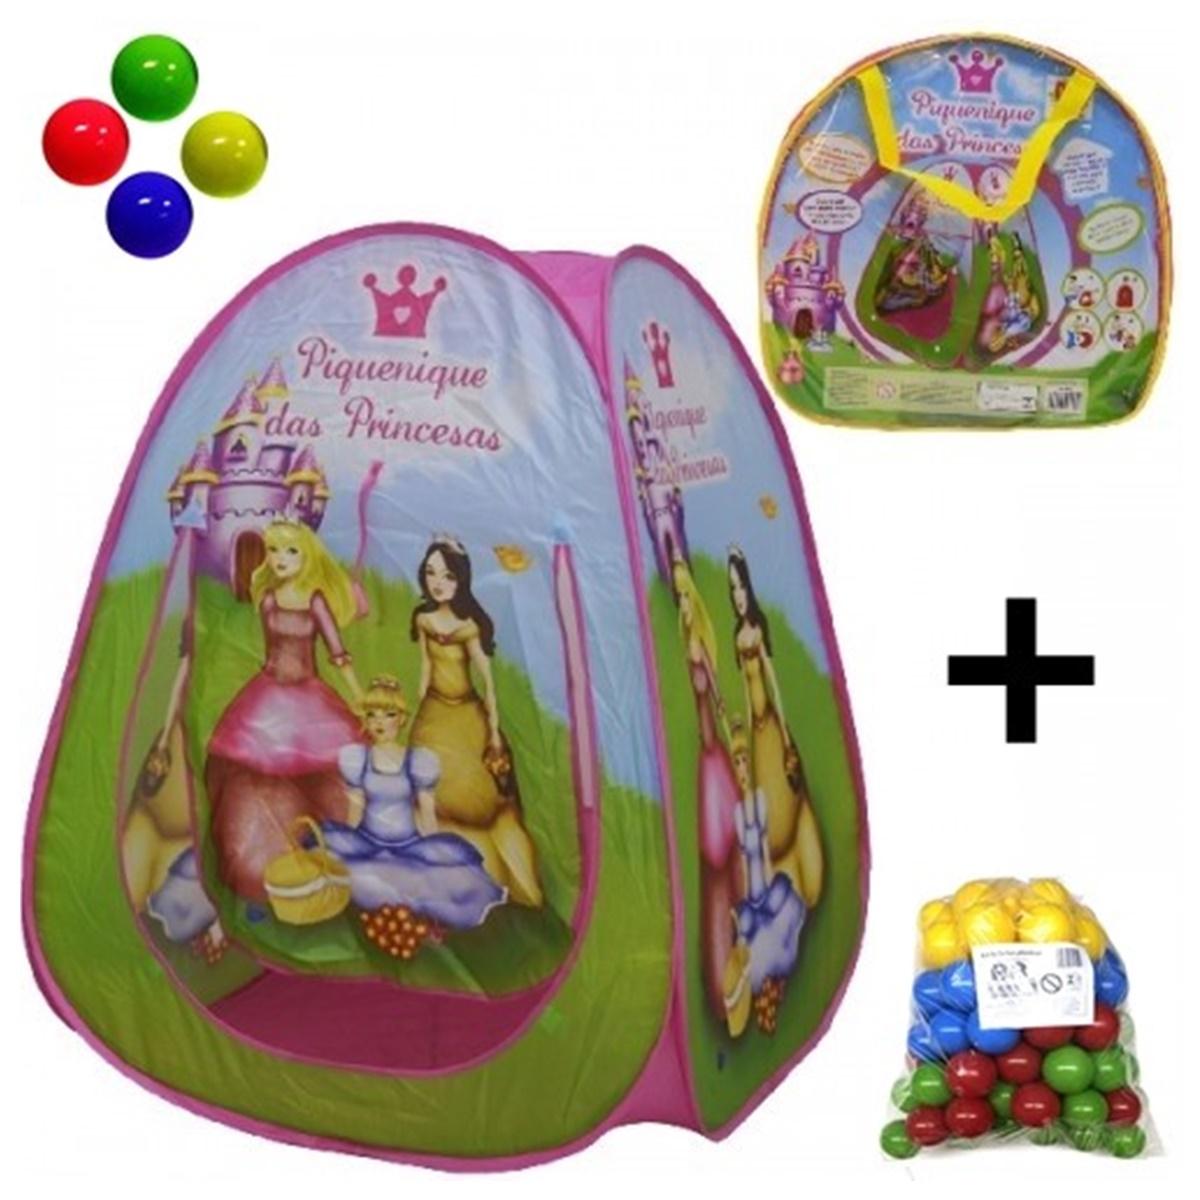 Barraca Toca Infantil + 50 Bolinhas Piquenique Princesas